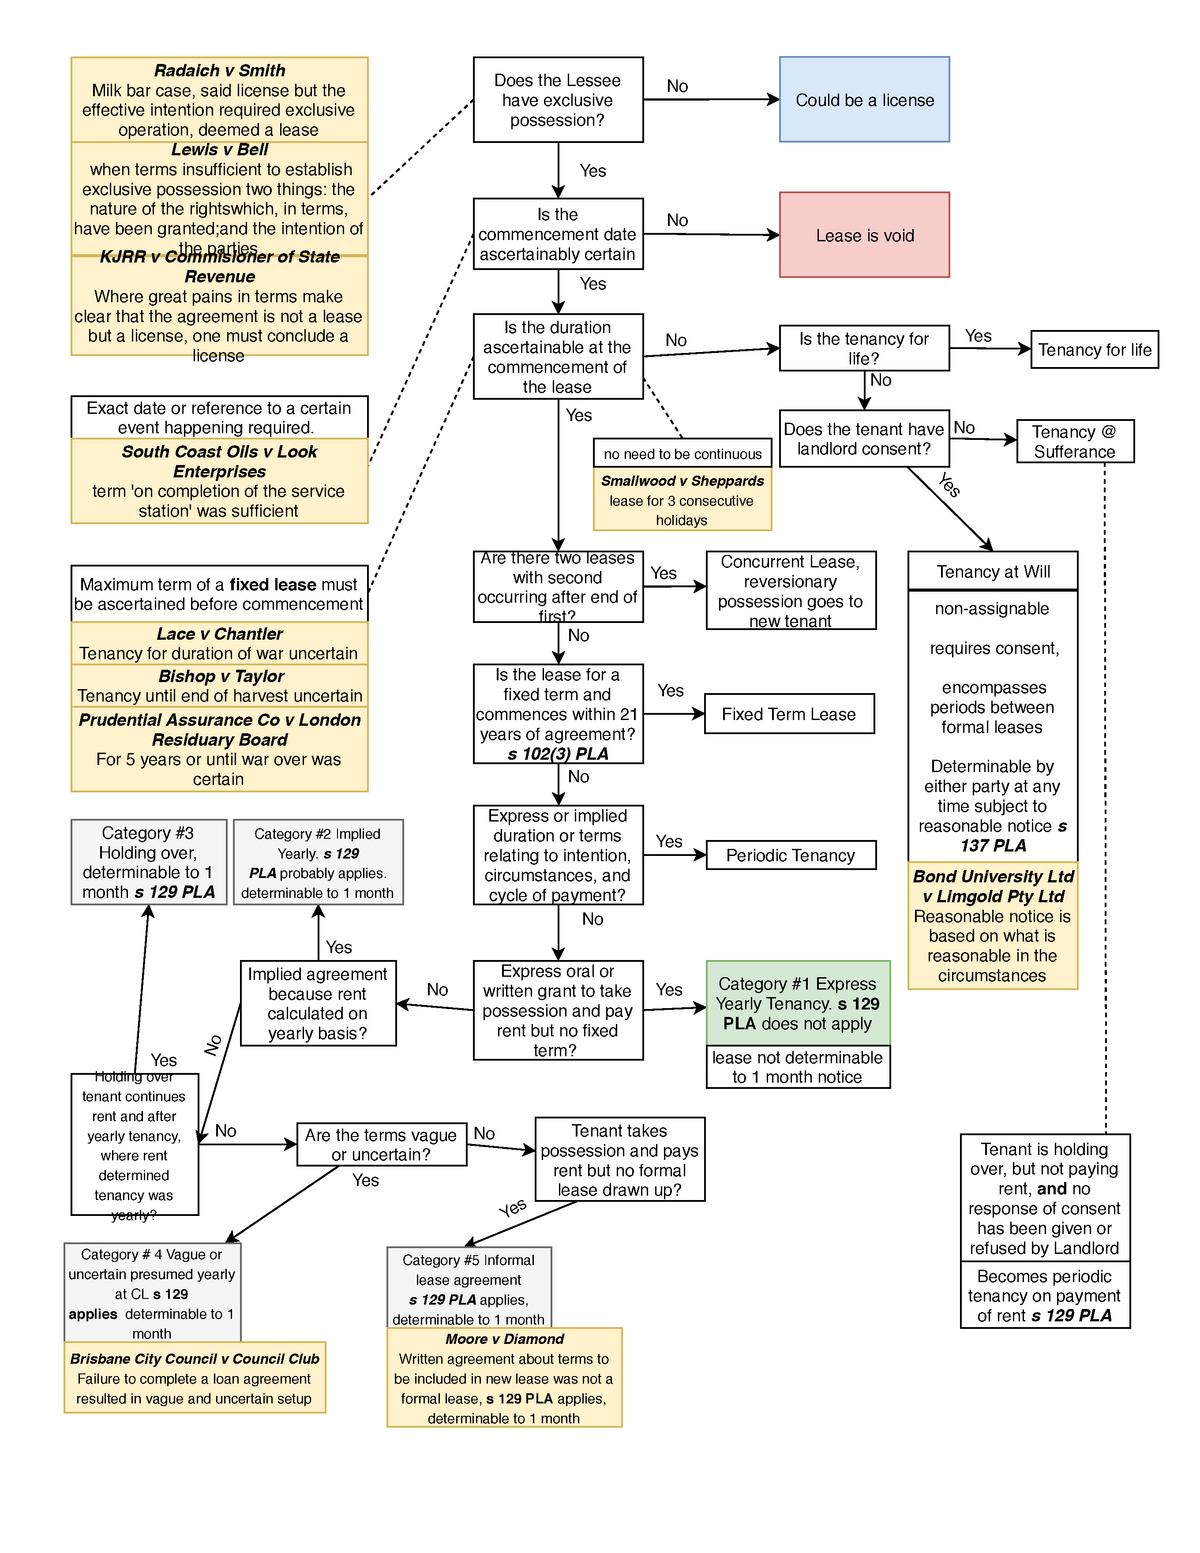 Leases Flow Chart Laws11 311 Property Law Bond Studocu